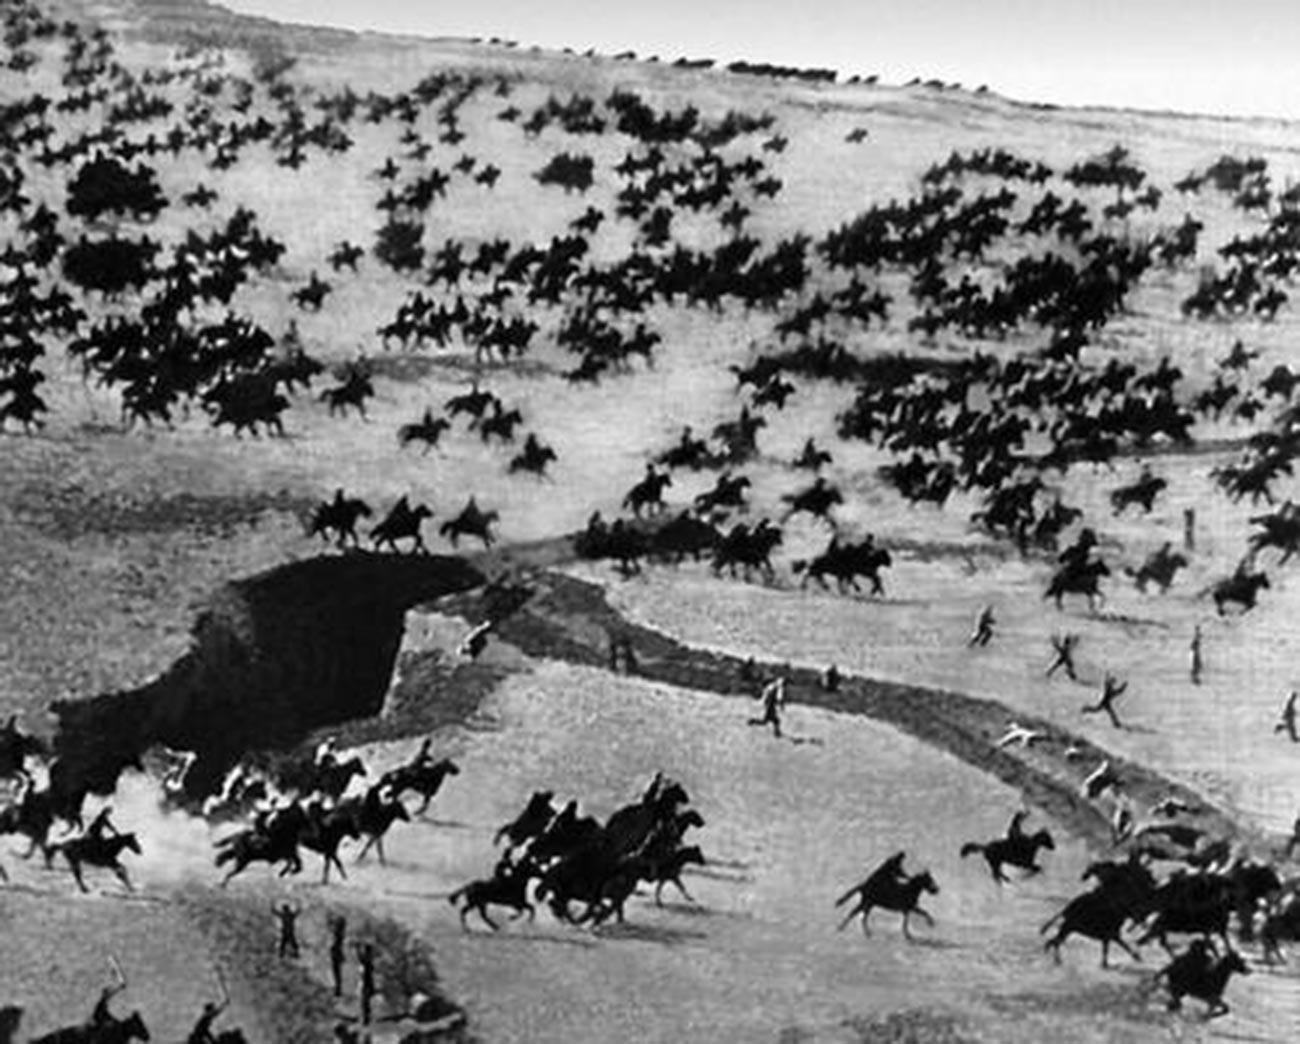 La caballería roja en acción.